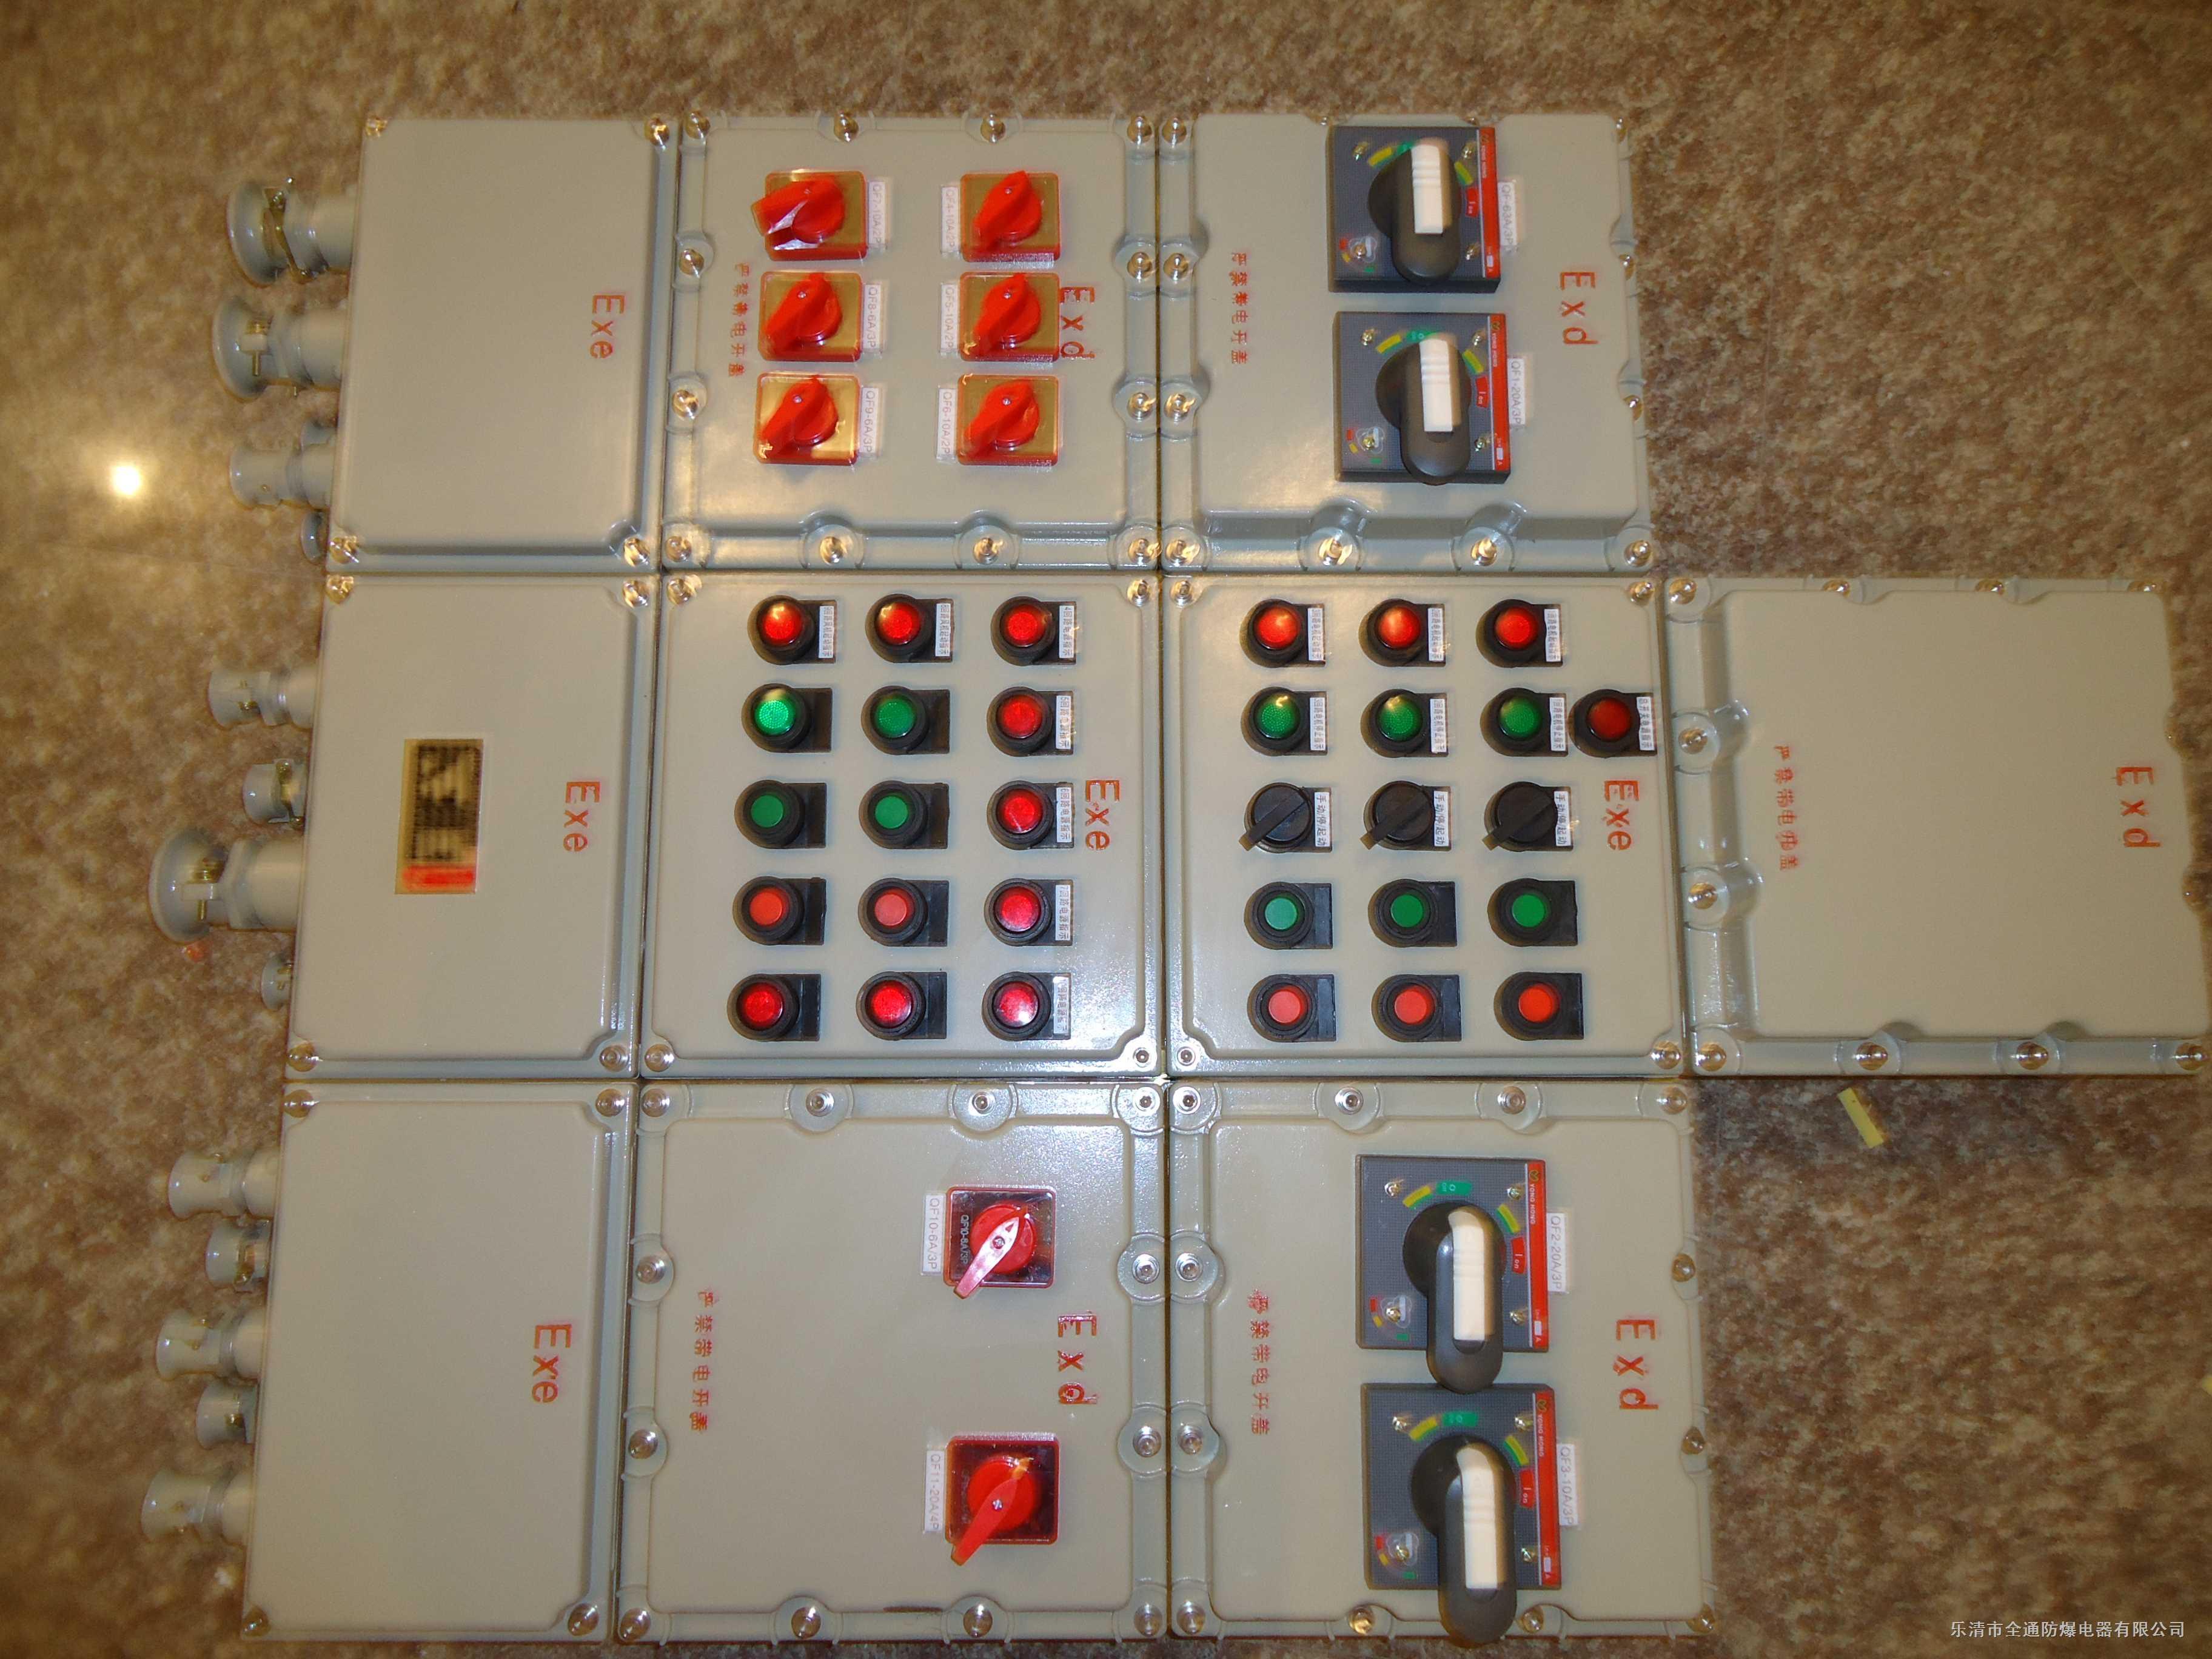 bxm(d) 防爆全塑,防爆启动箱,防爆配电箱,防爆配电柜